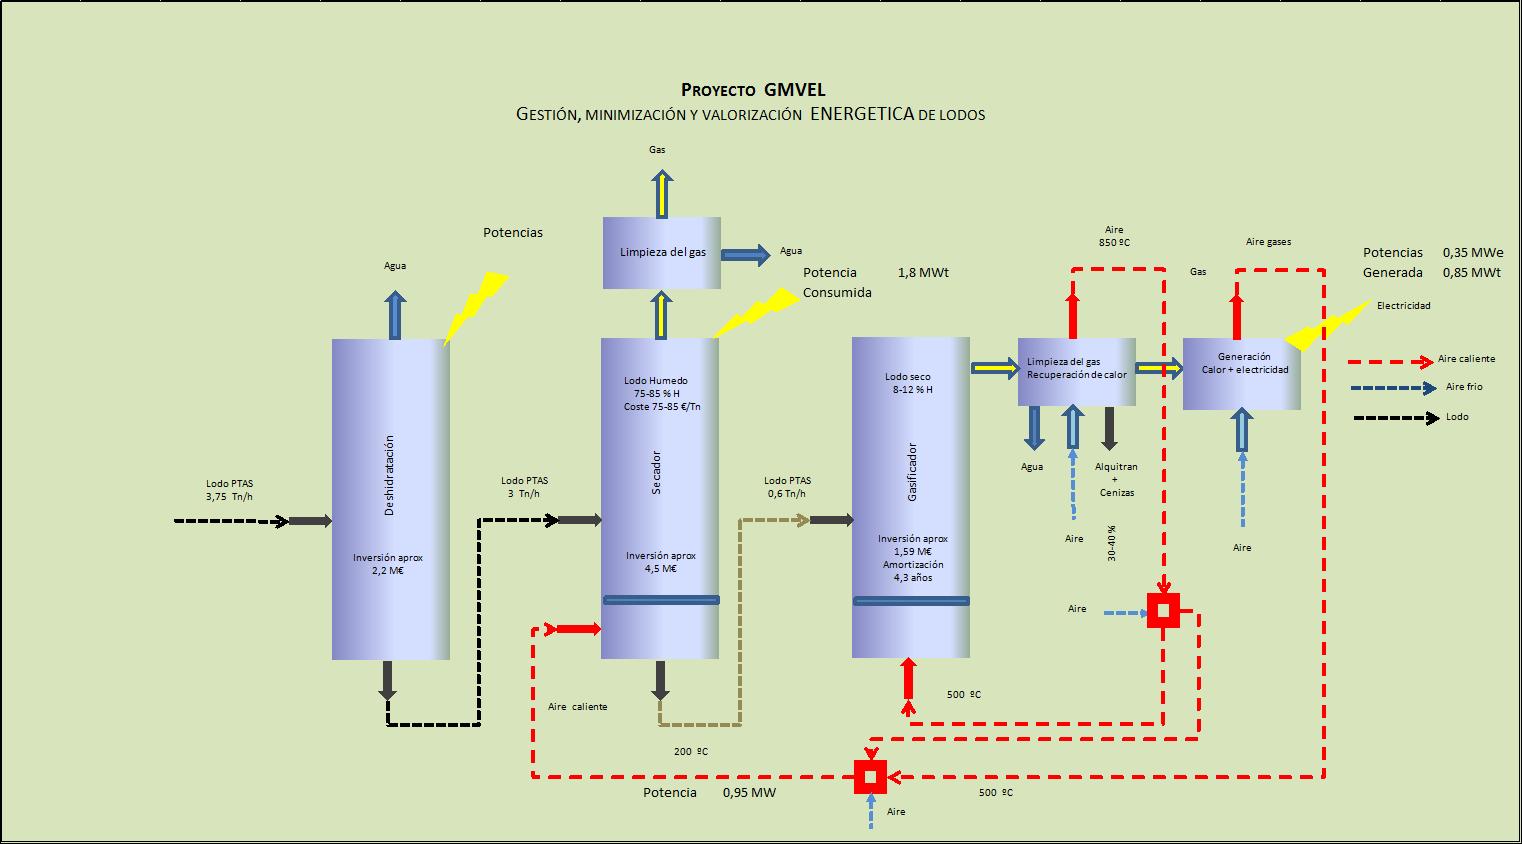 Gestión, minimización y valorización energética de lodos de EDAR